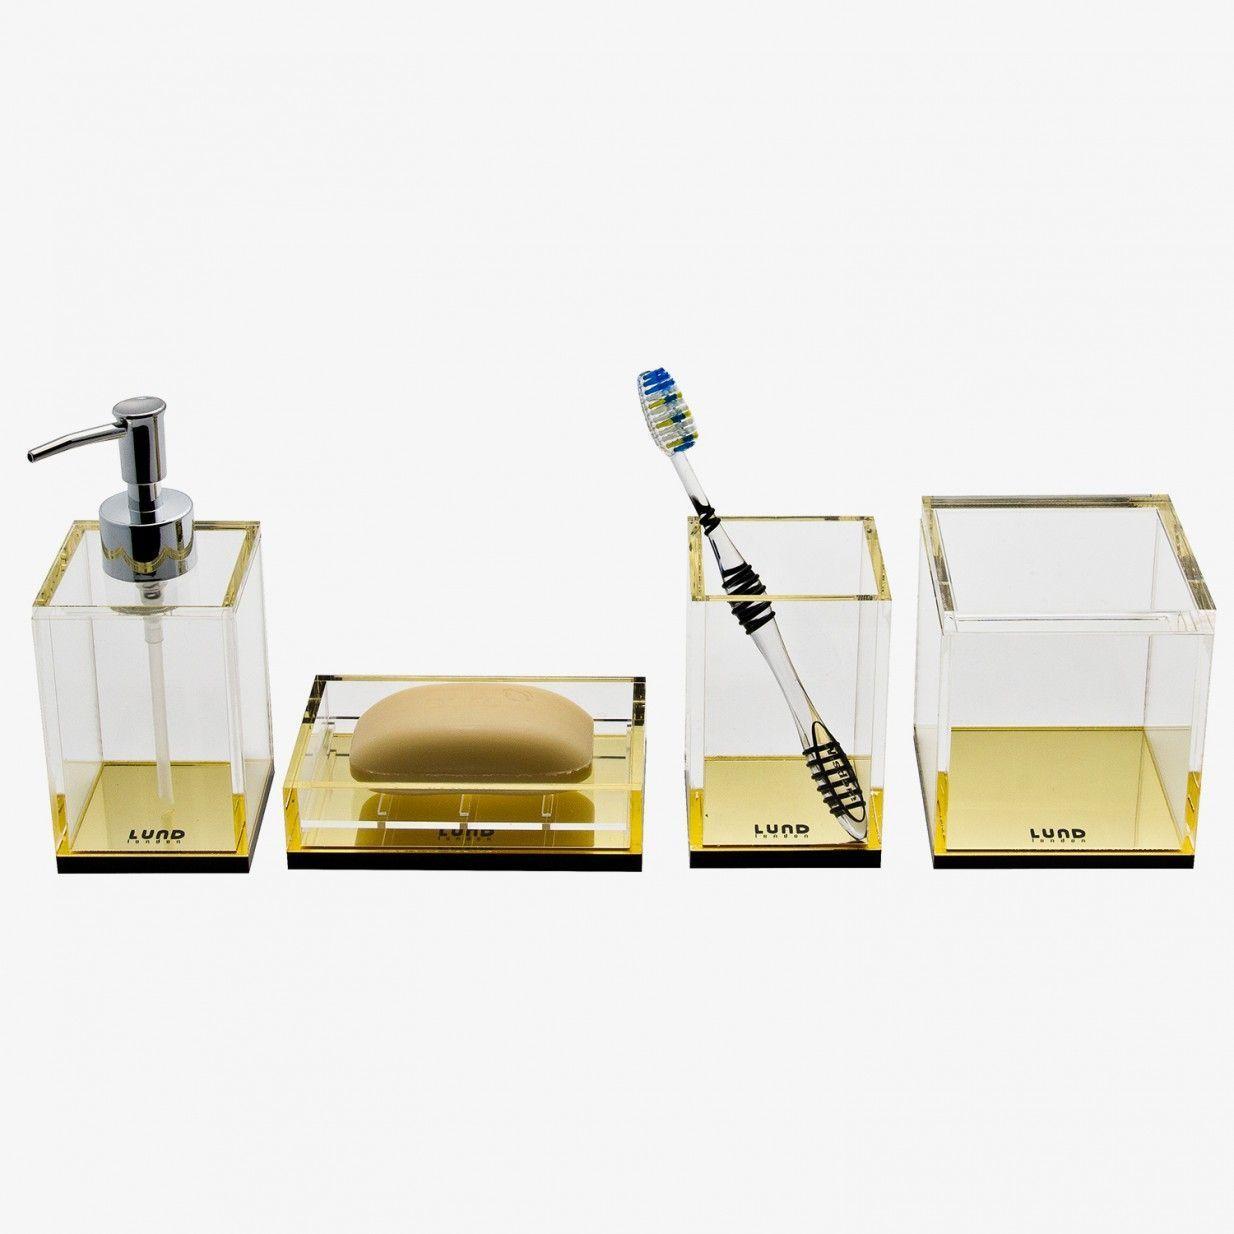 Badezimmer design weiß monoqi  flash gold behälter das weiß auch das label lund london